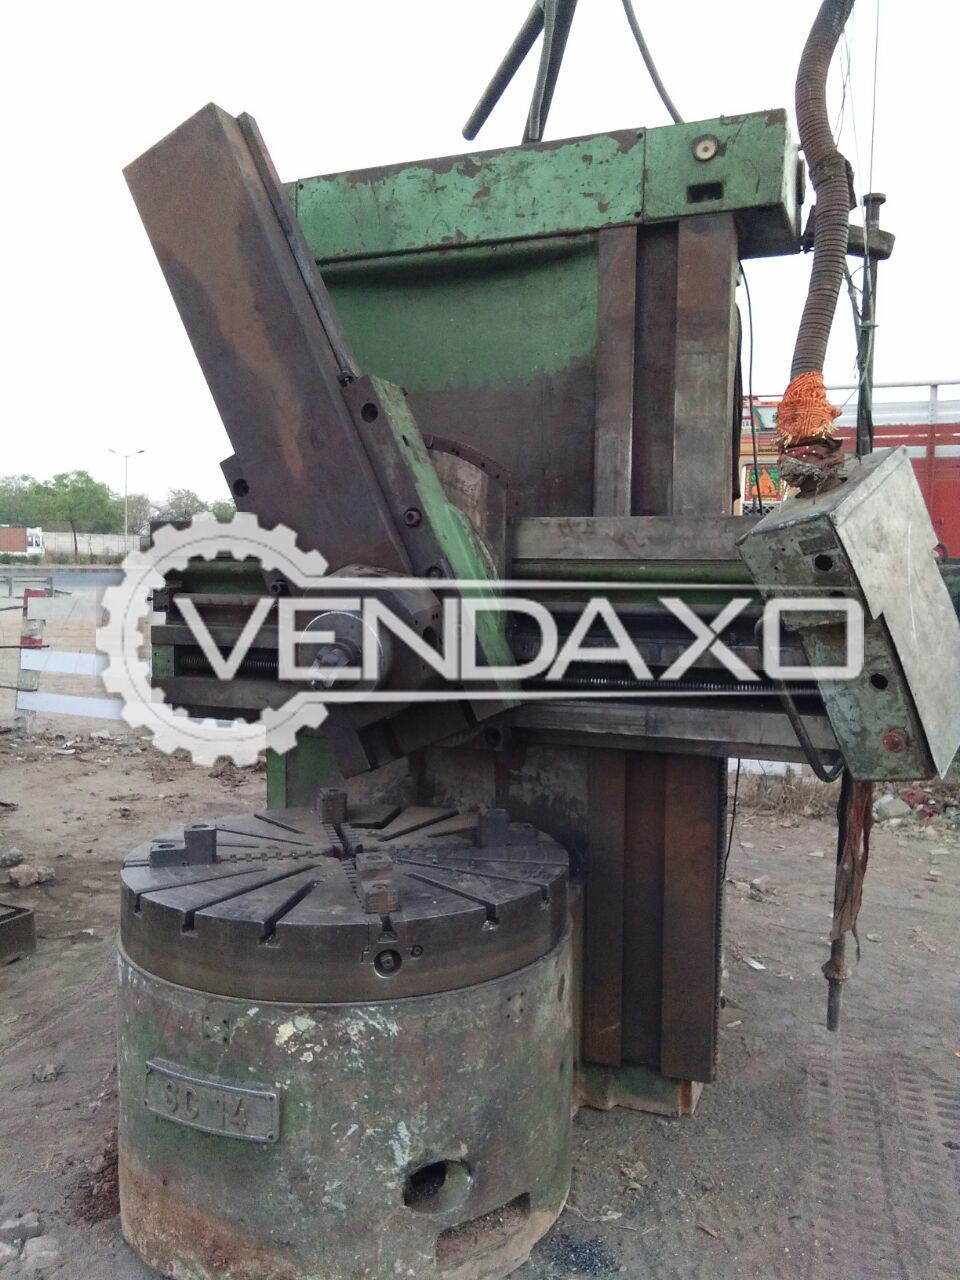 Umaro Vertical Turret Lathe Machine